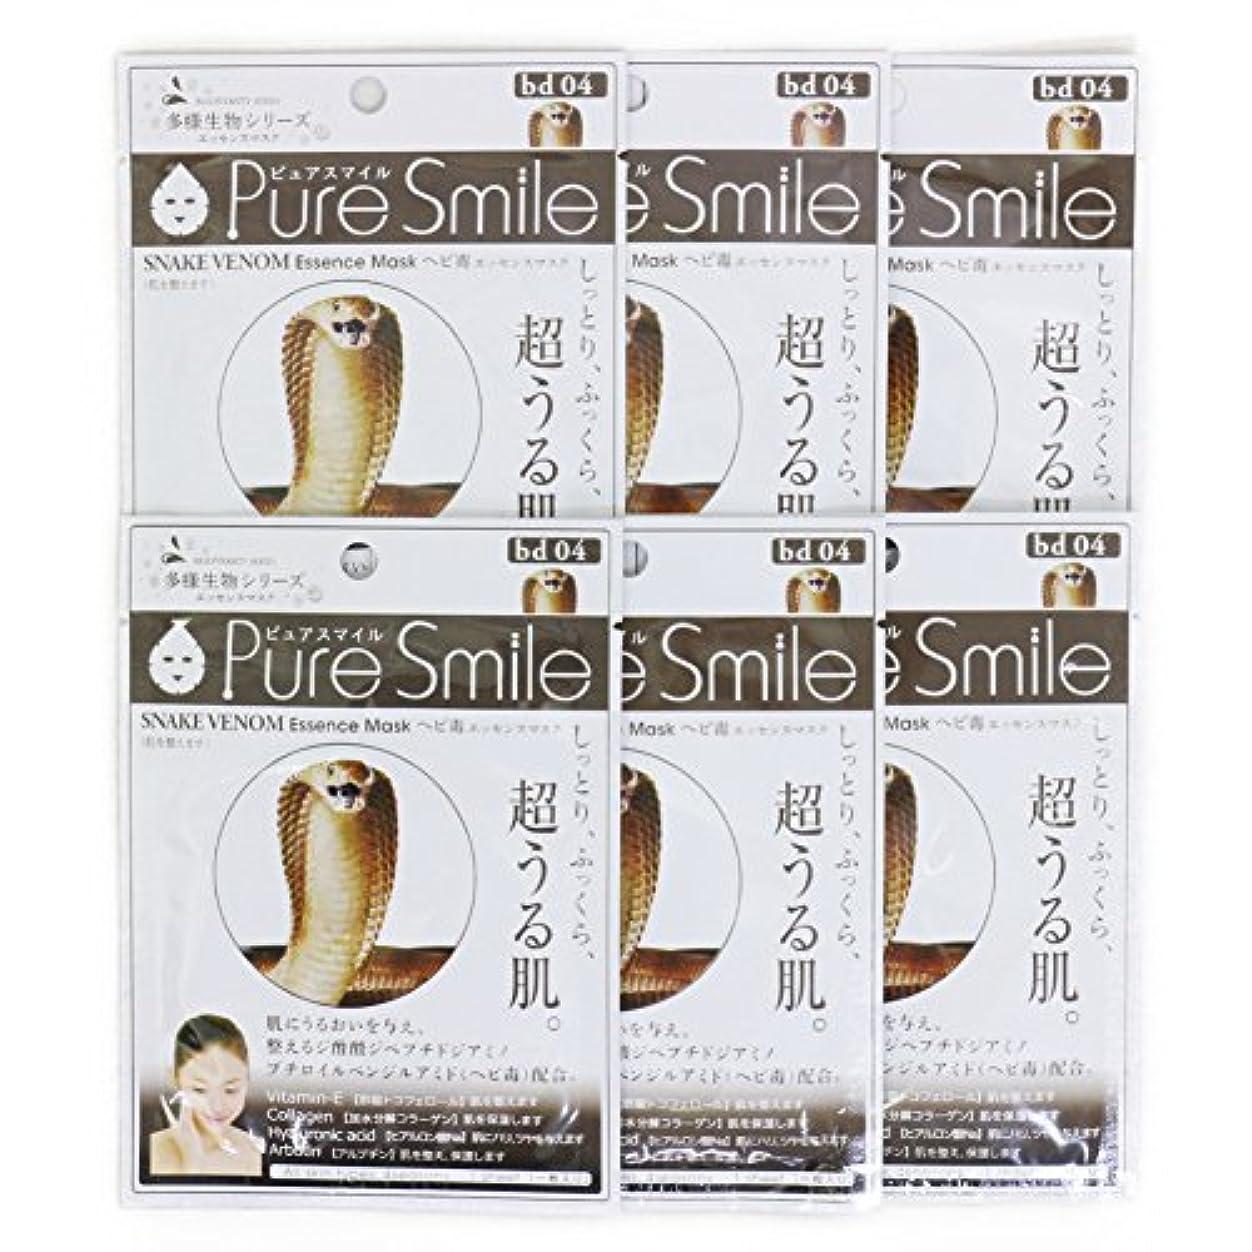 ビーズ出発するナラーバーPure Smile ピュアスマイル 多様生物エッセンスマスク ヘビ毒 6枚セット